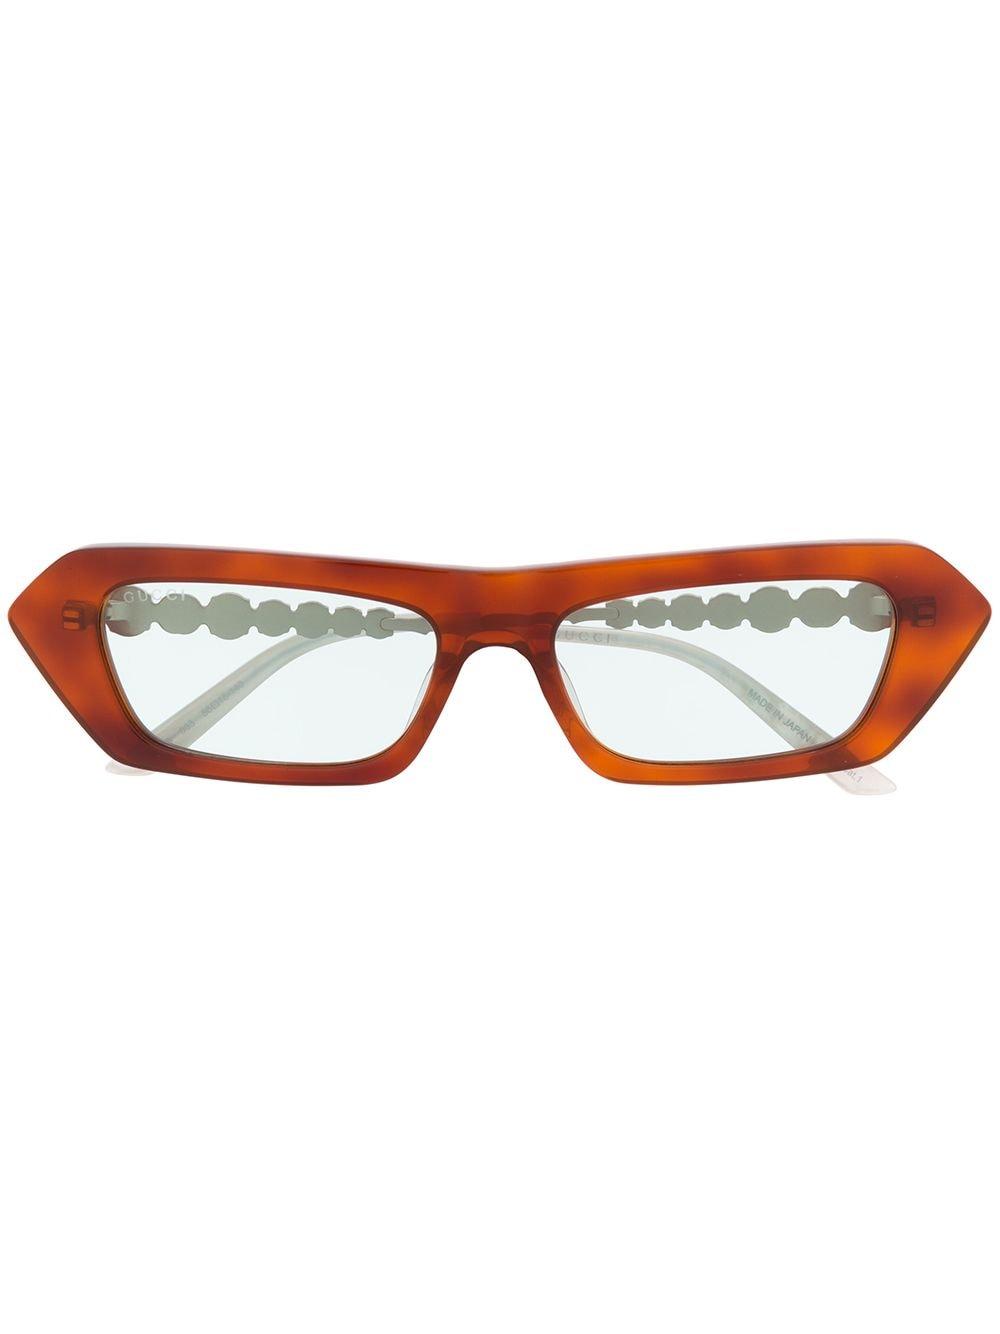 Gucci Eyewear Sonnenbrille mit Kristallen - Braun